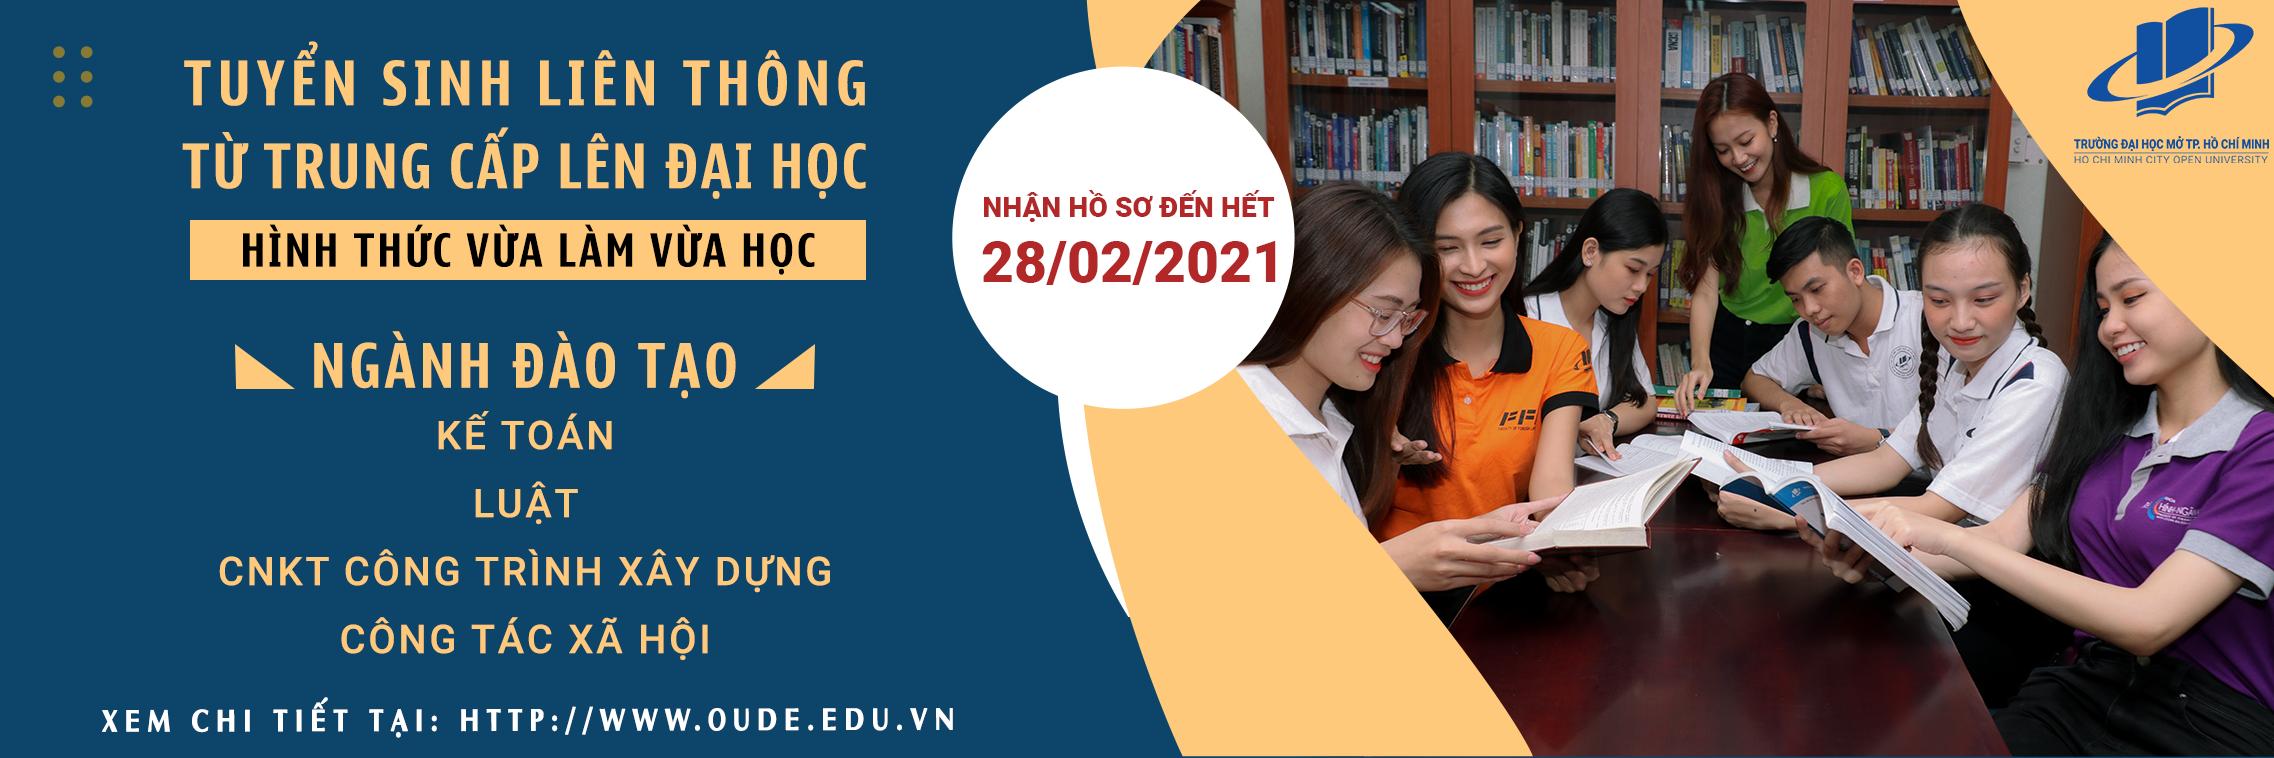 Vừa làm vừa học - liên thông từ Trung cấp lên Đại học - 2021-01